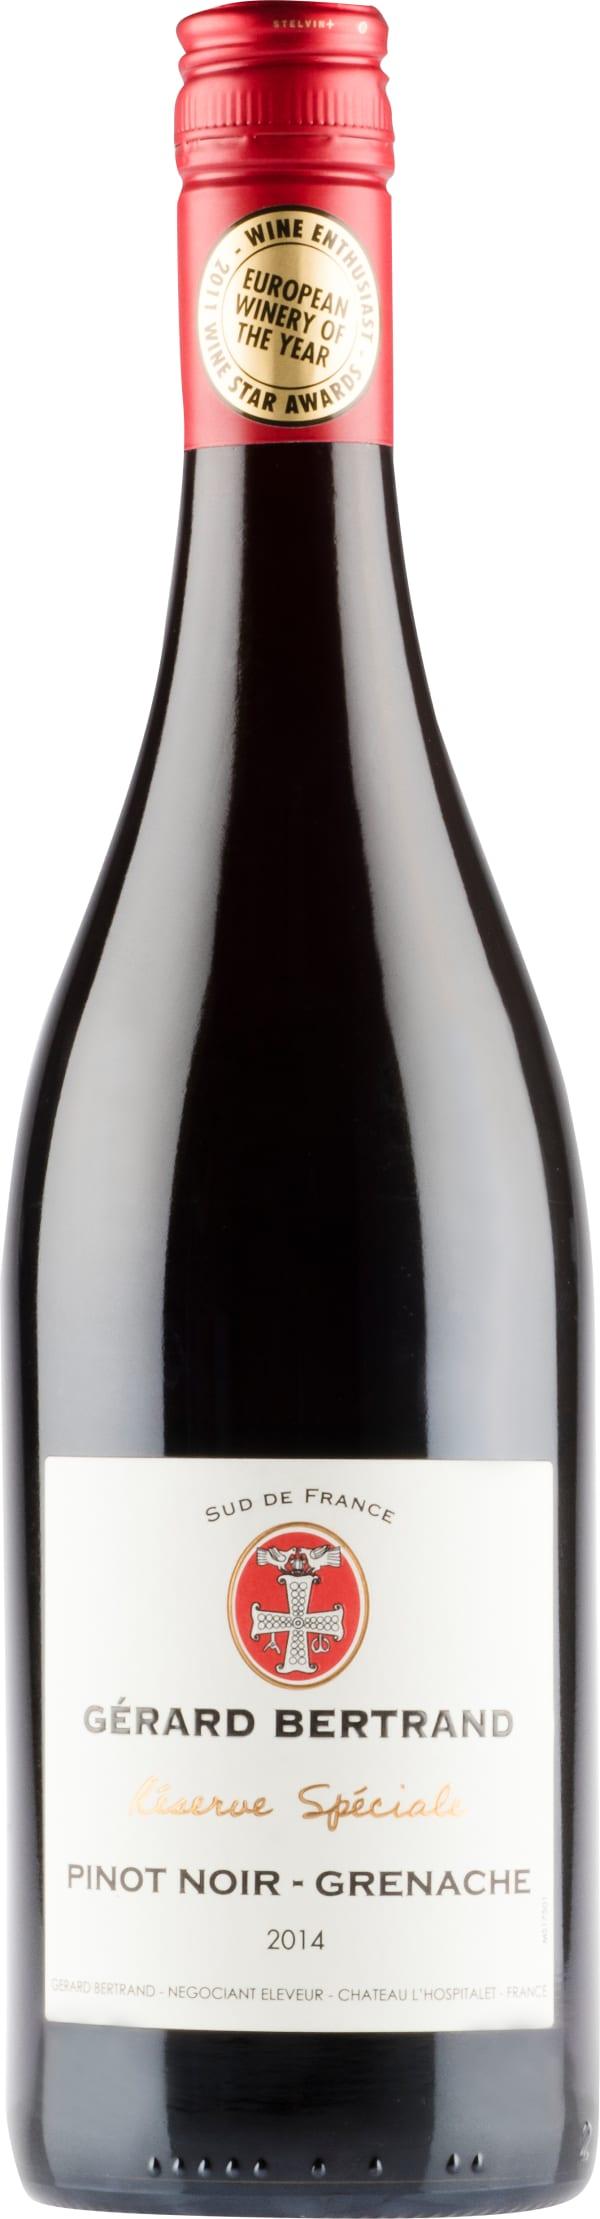 Gérard Bertrand Réserve Spéciale Pinot Noir Grenache 2018